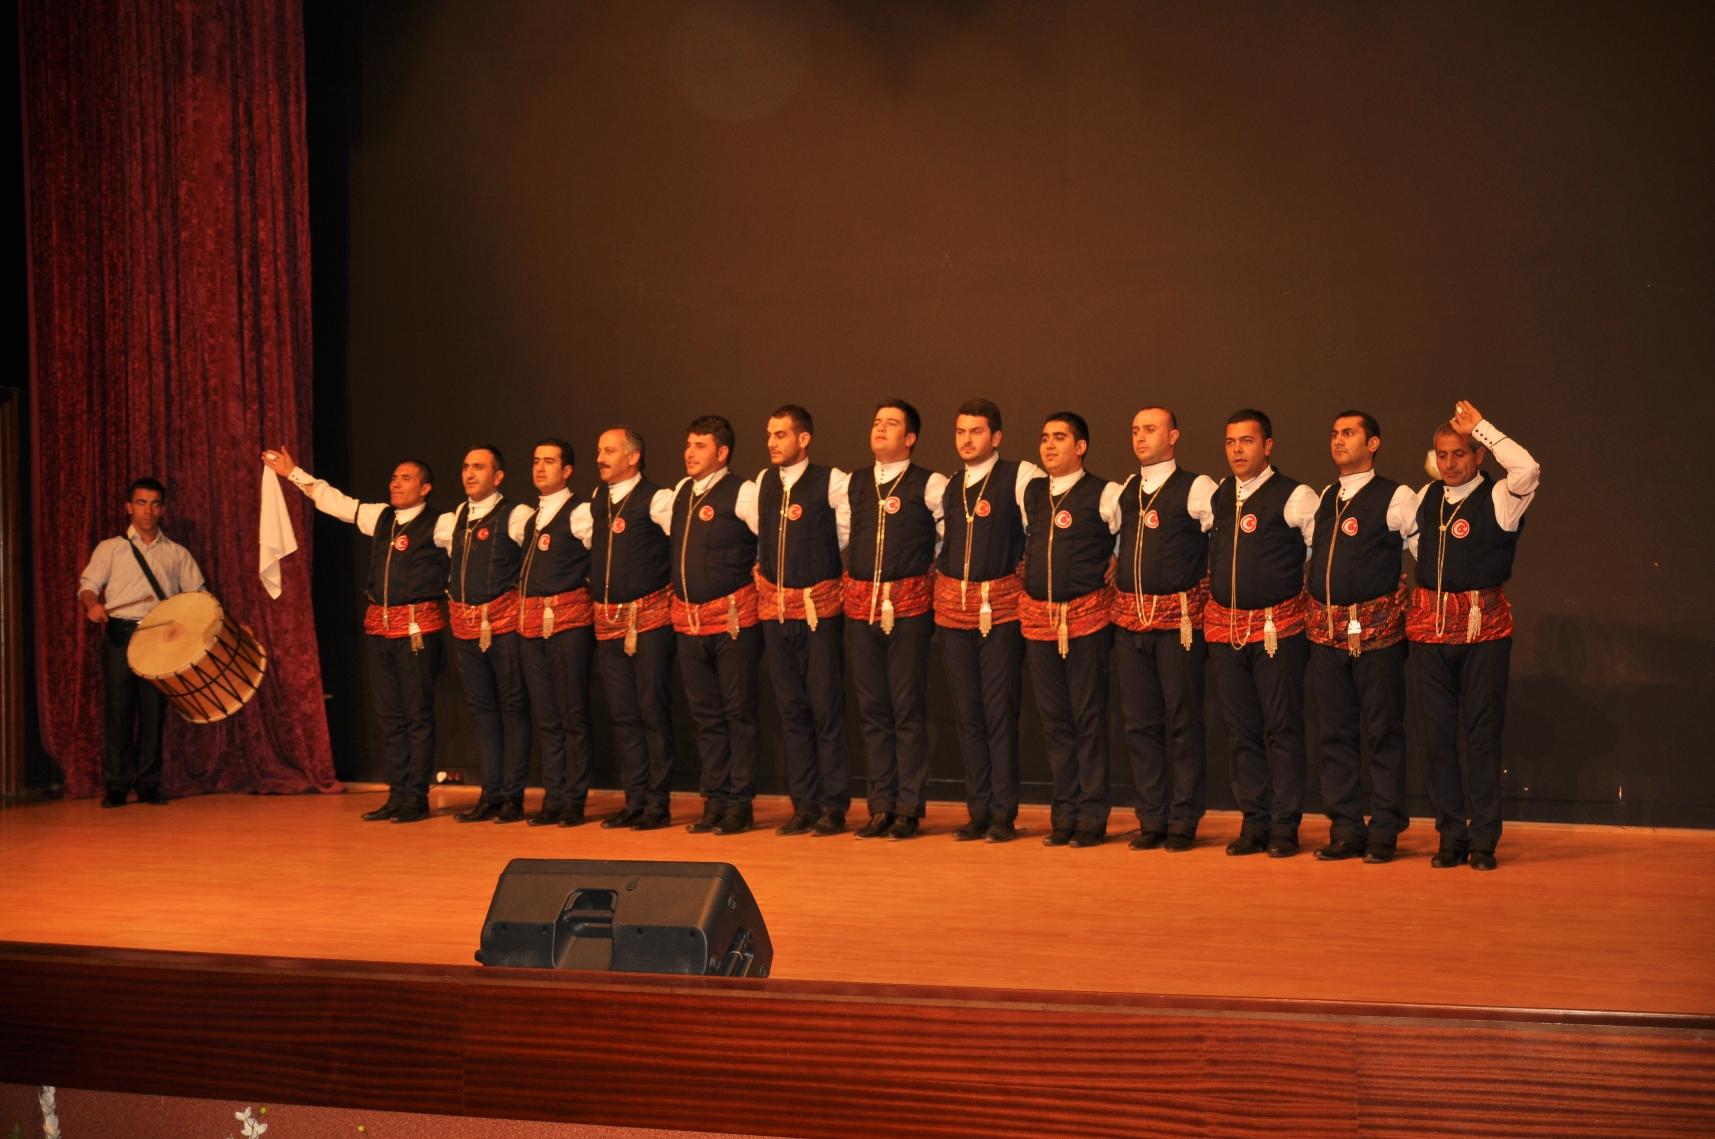 20.06.2012 yunus emre k.merkezi gösterisi 757